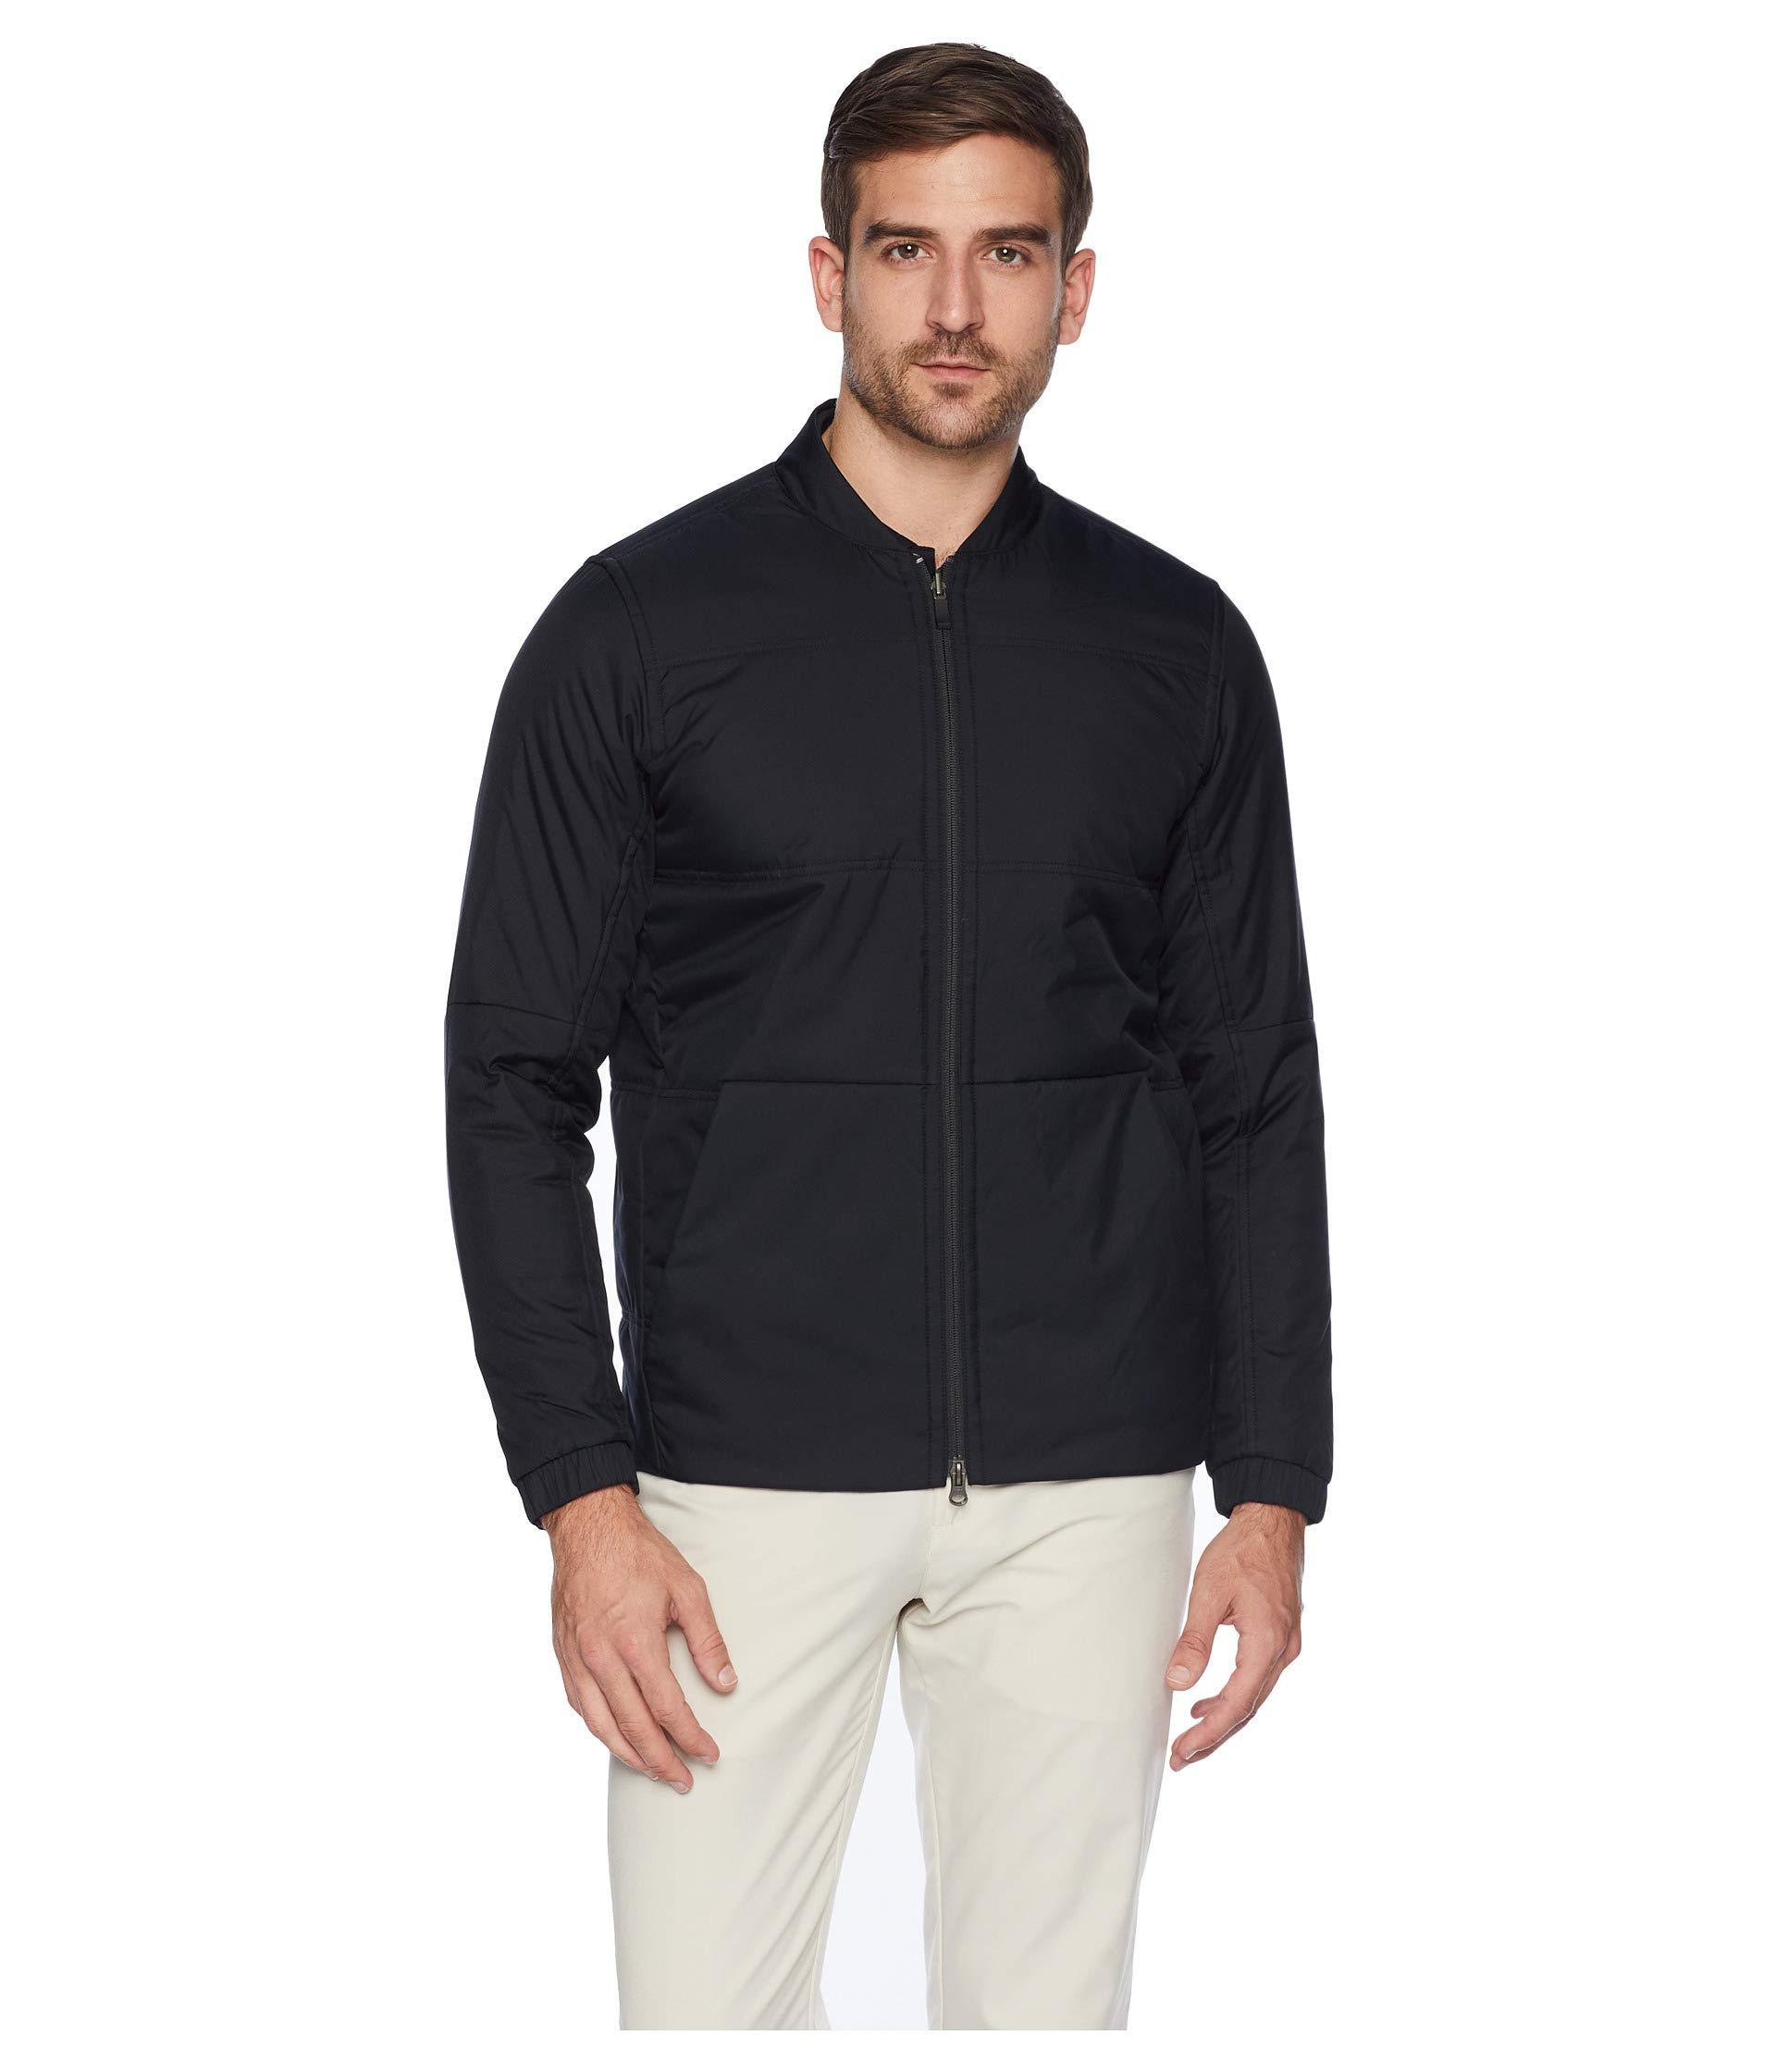 Lyst - Nike Synthetic Fill Jacket Core (black black black) Men s ... 9be7f332e